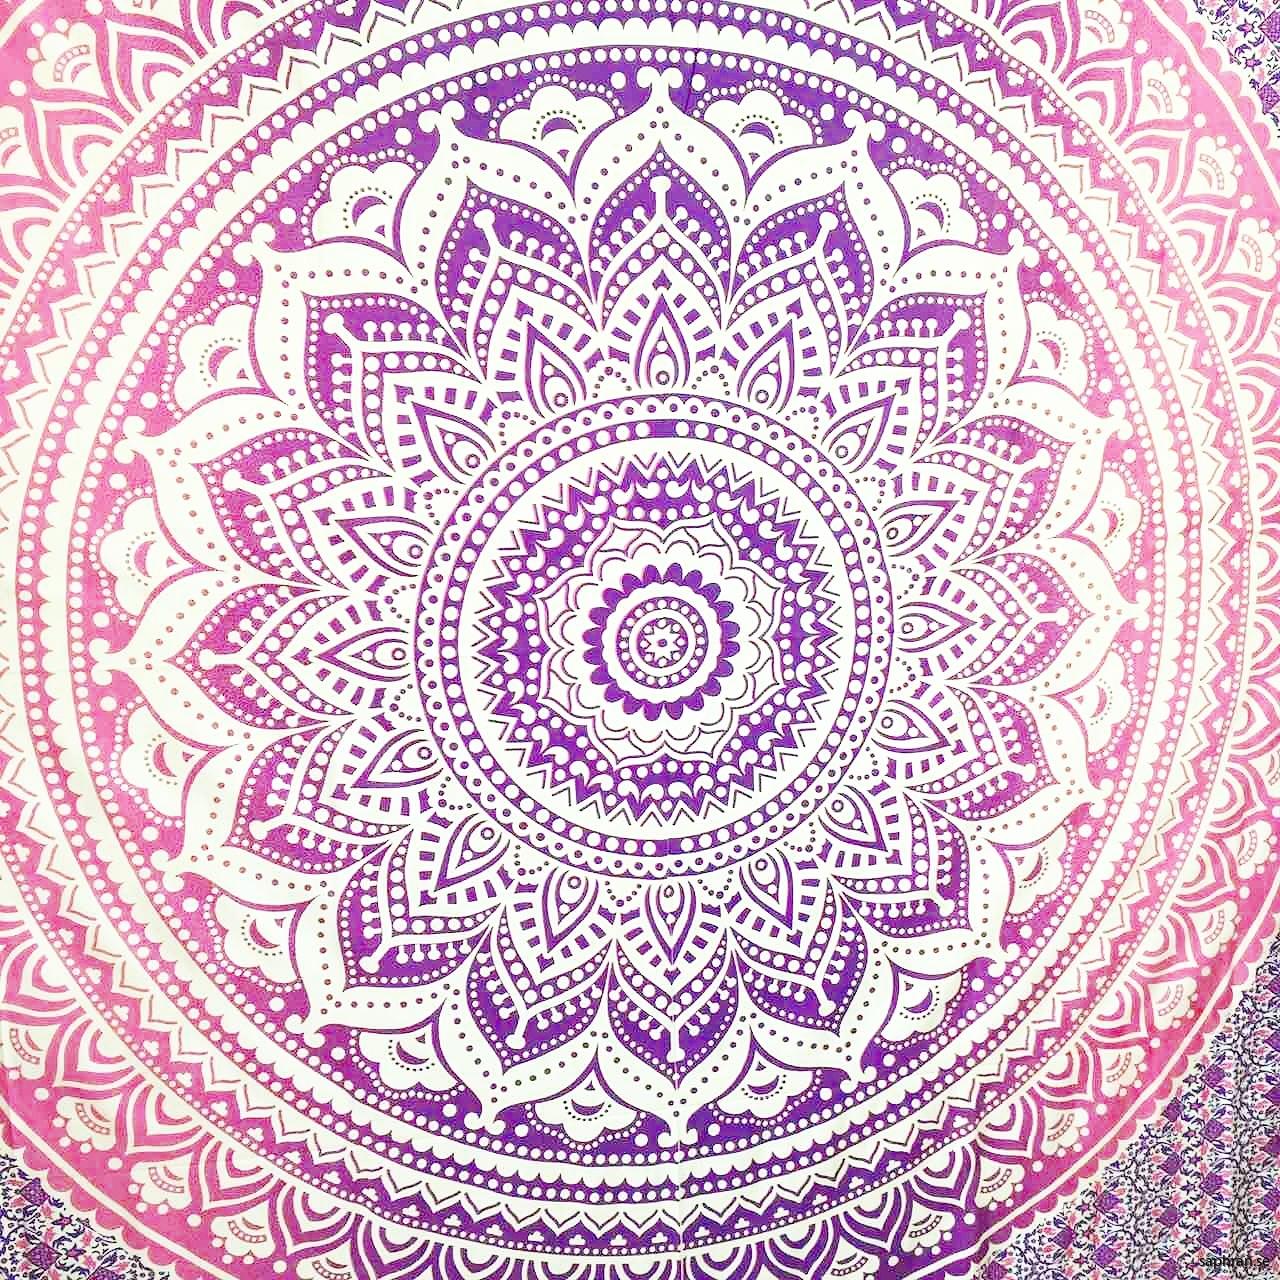 Vacker mandala i lila och rosa toner. Använd som picknickfilt eller sängöverkast.